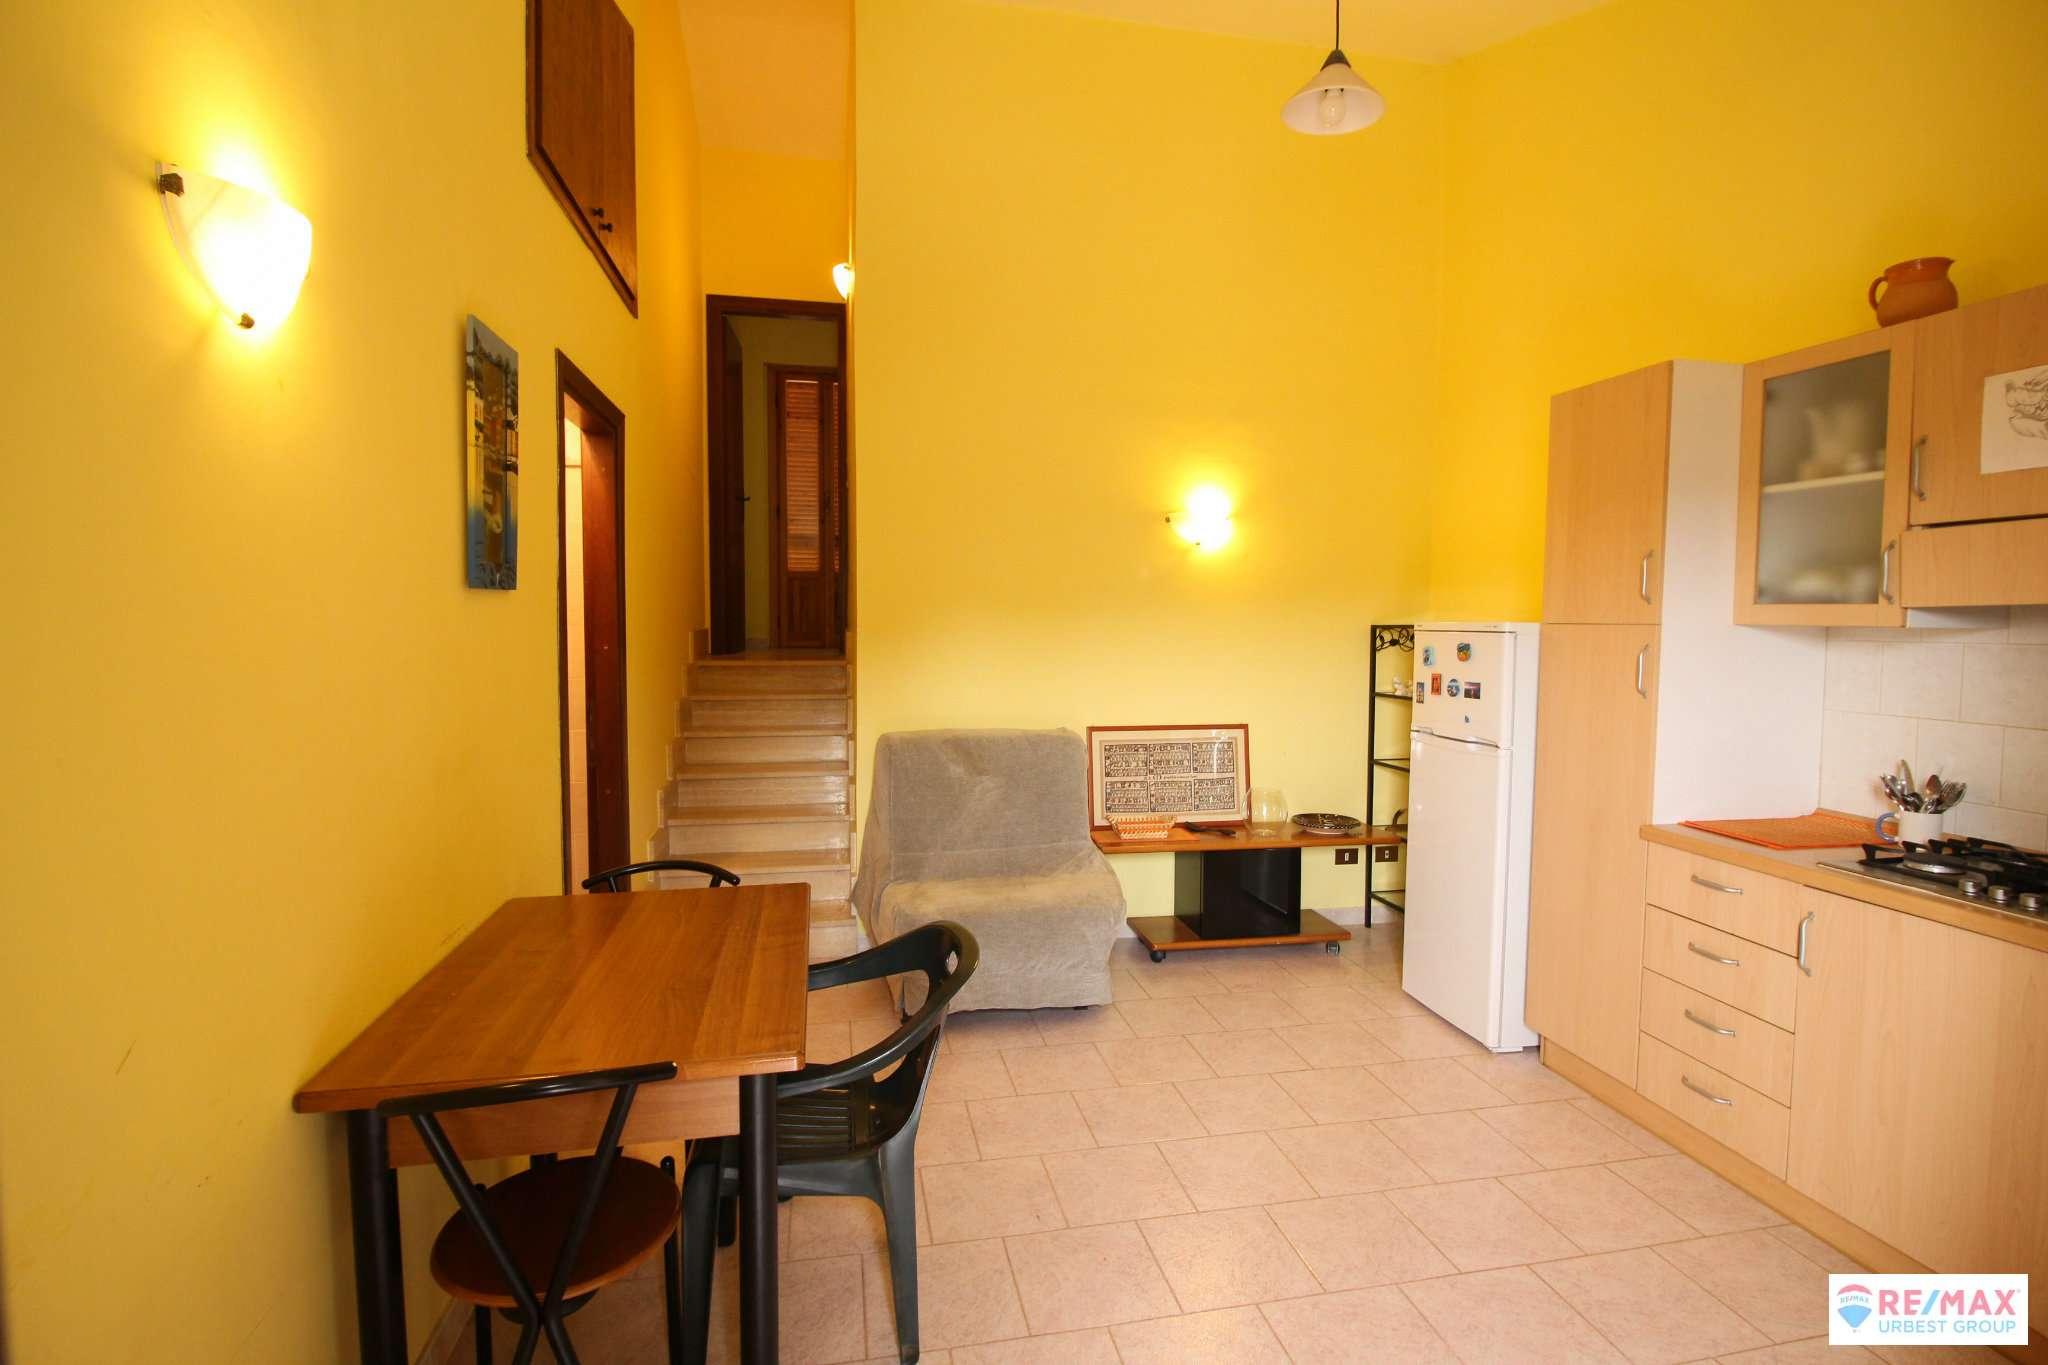 Appartamento in vendita a Scandriglia, 2 locali, prezzo € 39.000   CambioCasa.it